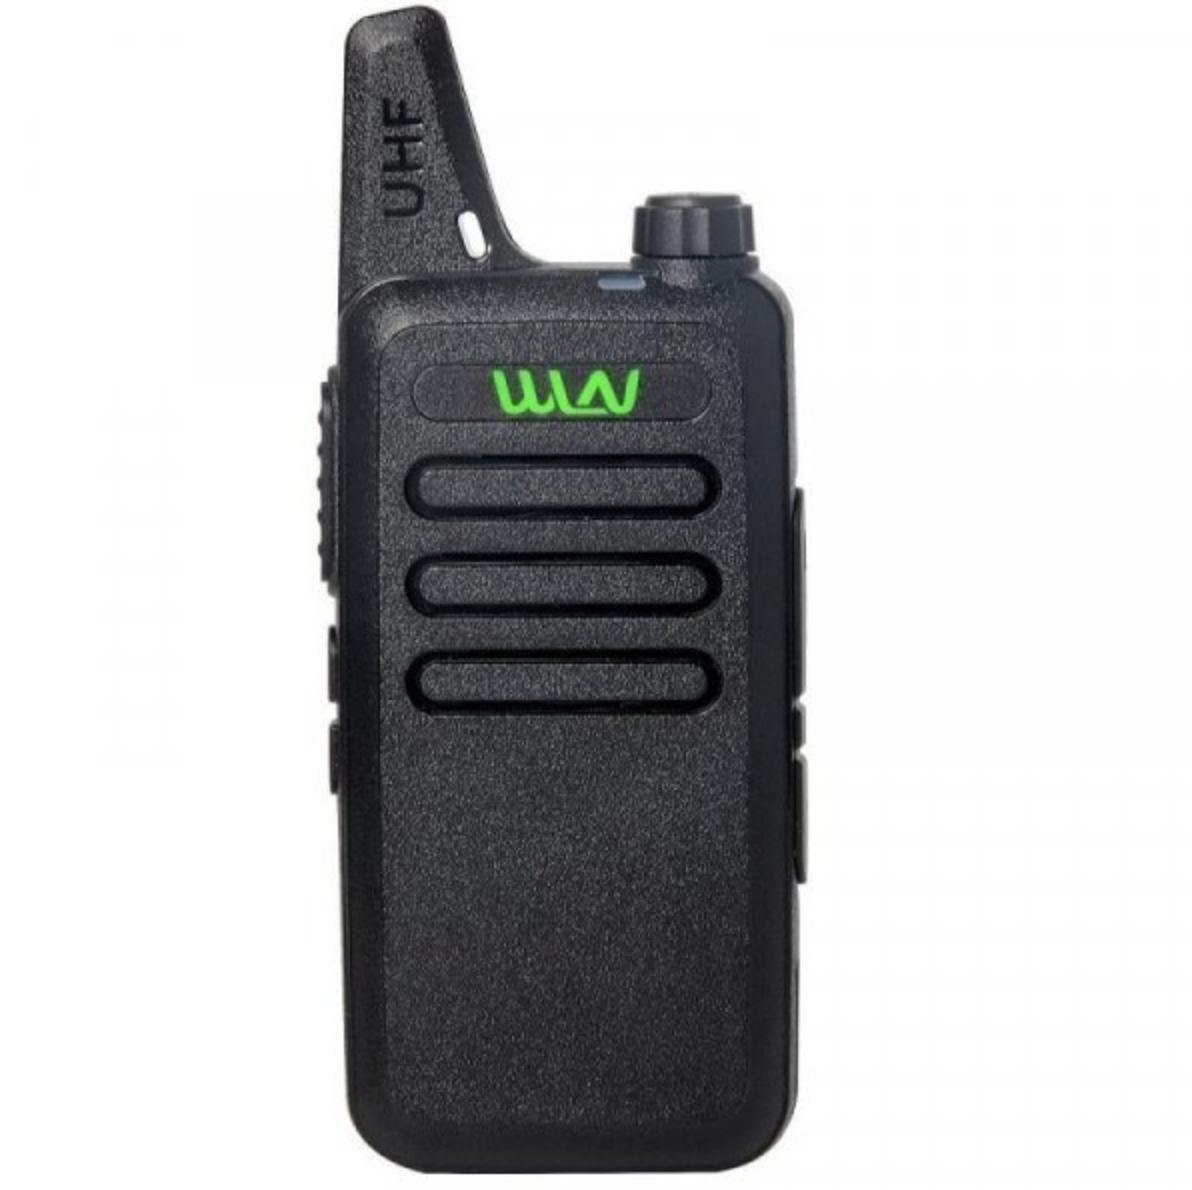 Купить Беспроводная рация Wlan kd-c1, корпус пластмасс, частота 400-470MHz, Black, BOX